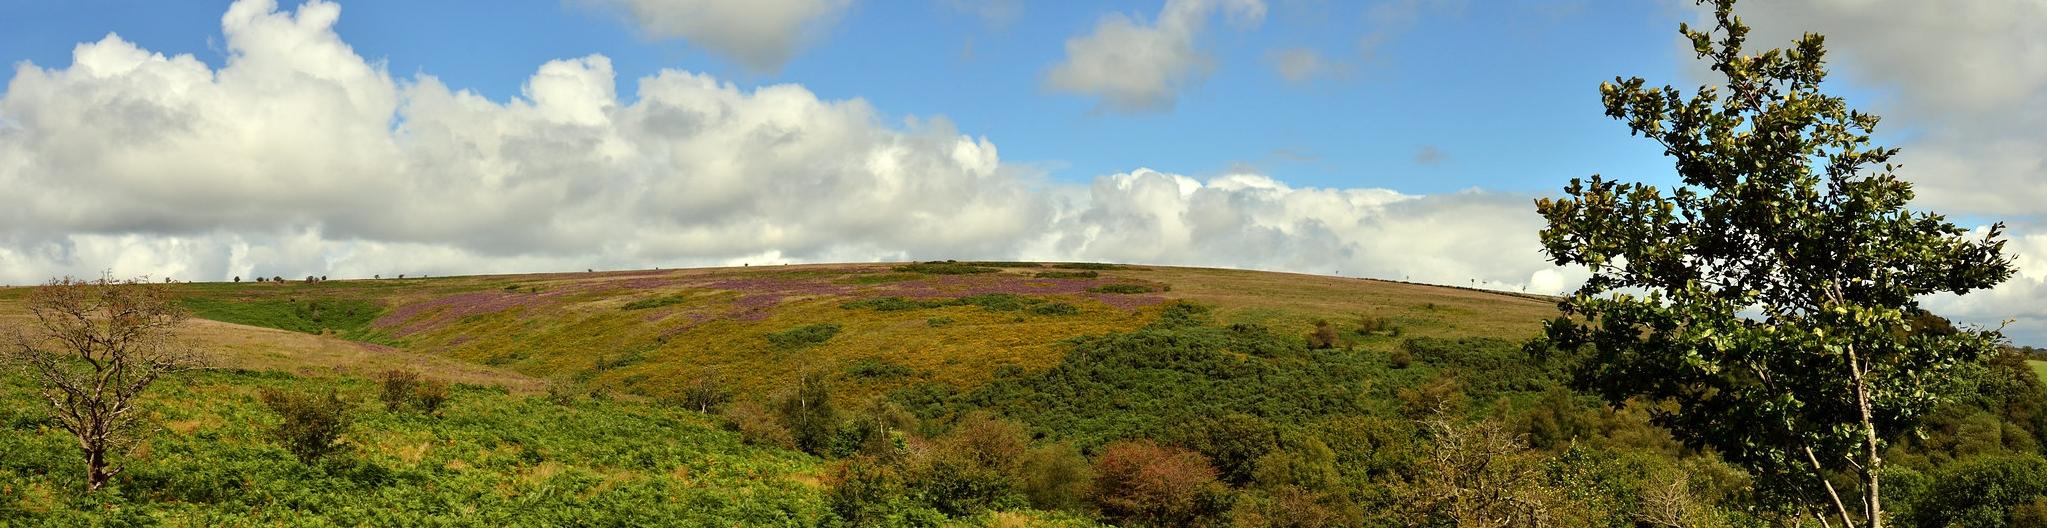 Molland Moor